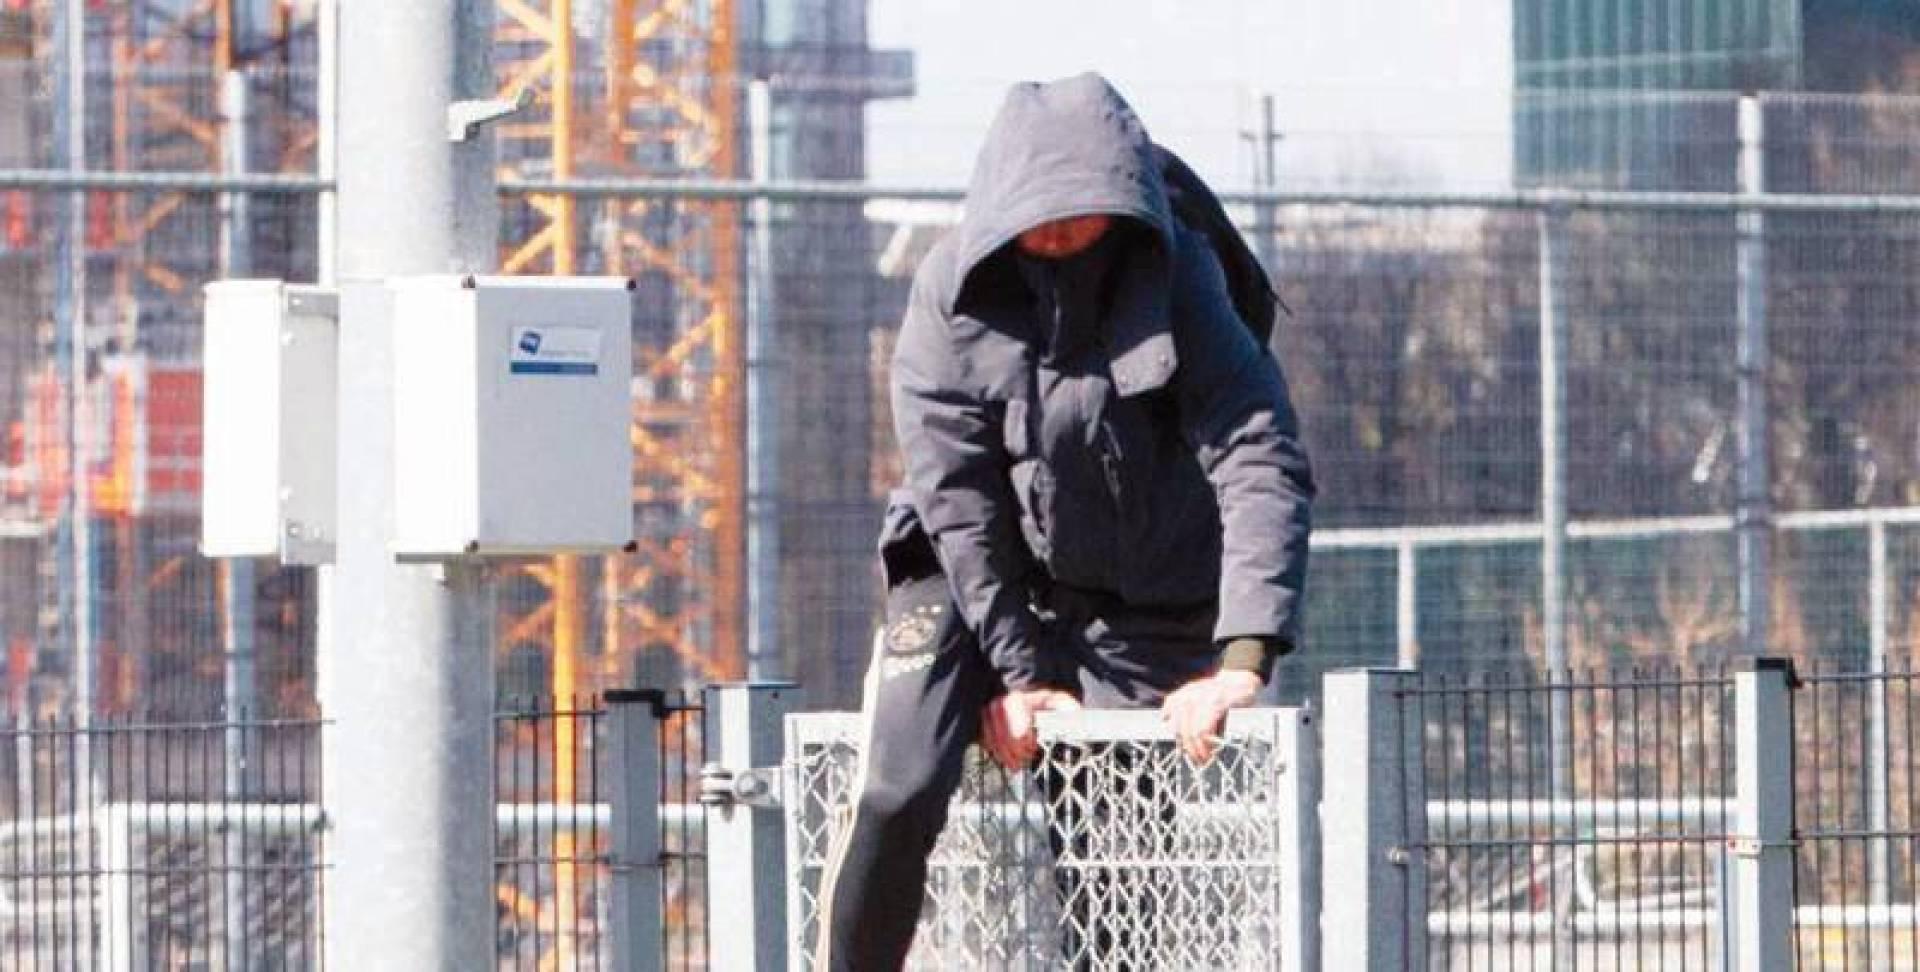 صحيفة «آس» نشرت صورة لدي يونغ وهو يتسلق سور الملعب